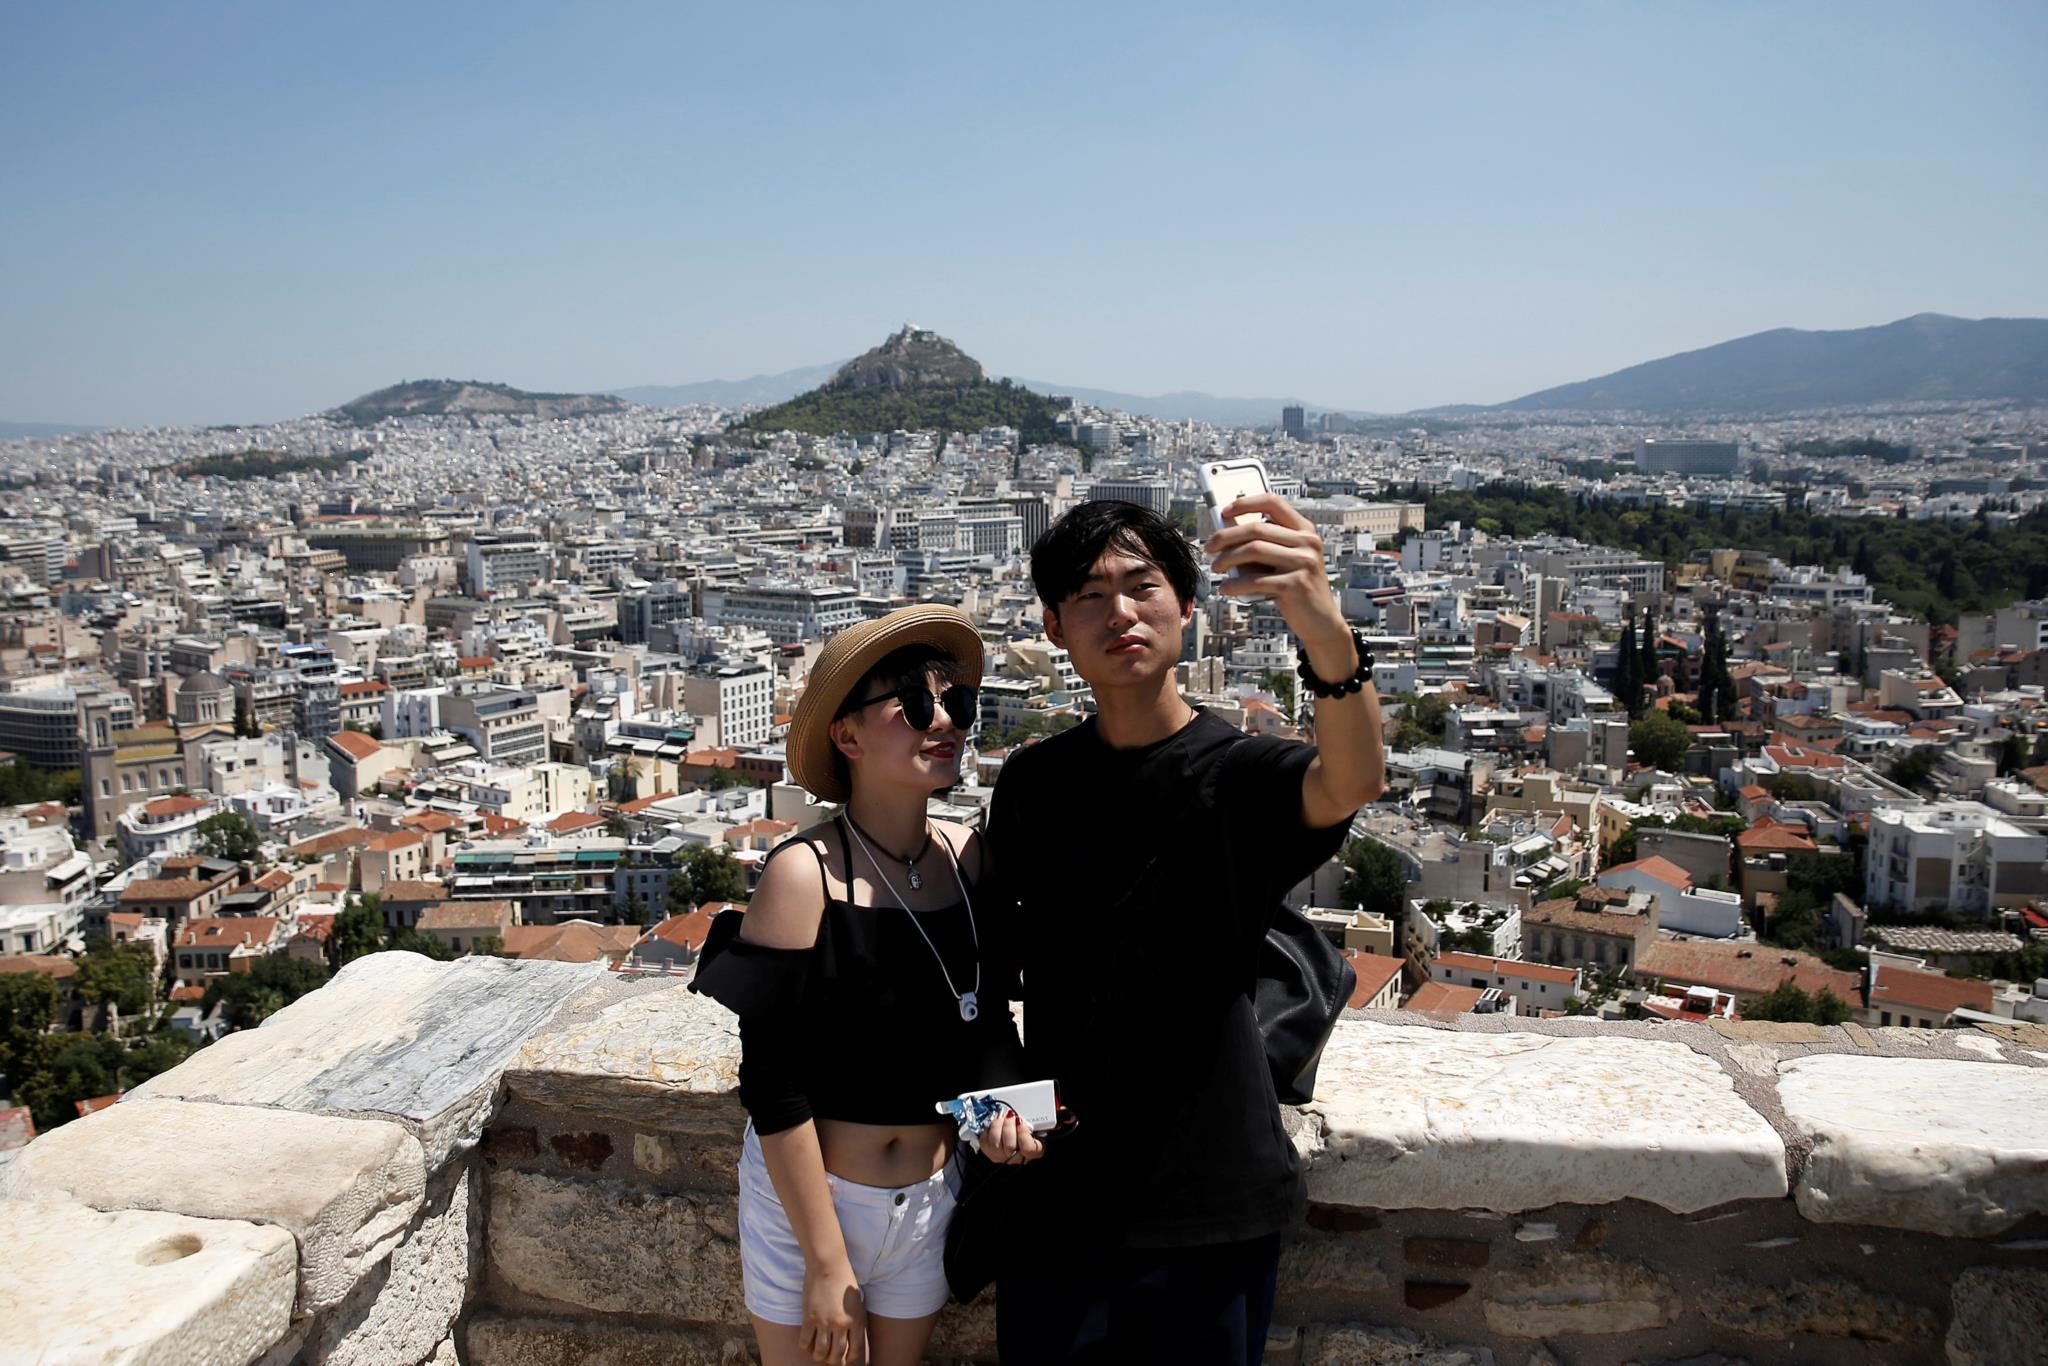 Acrópole em Atenas, Grécia